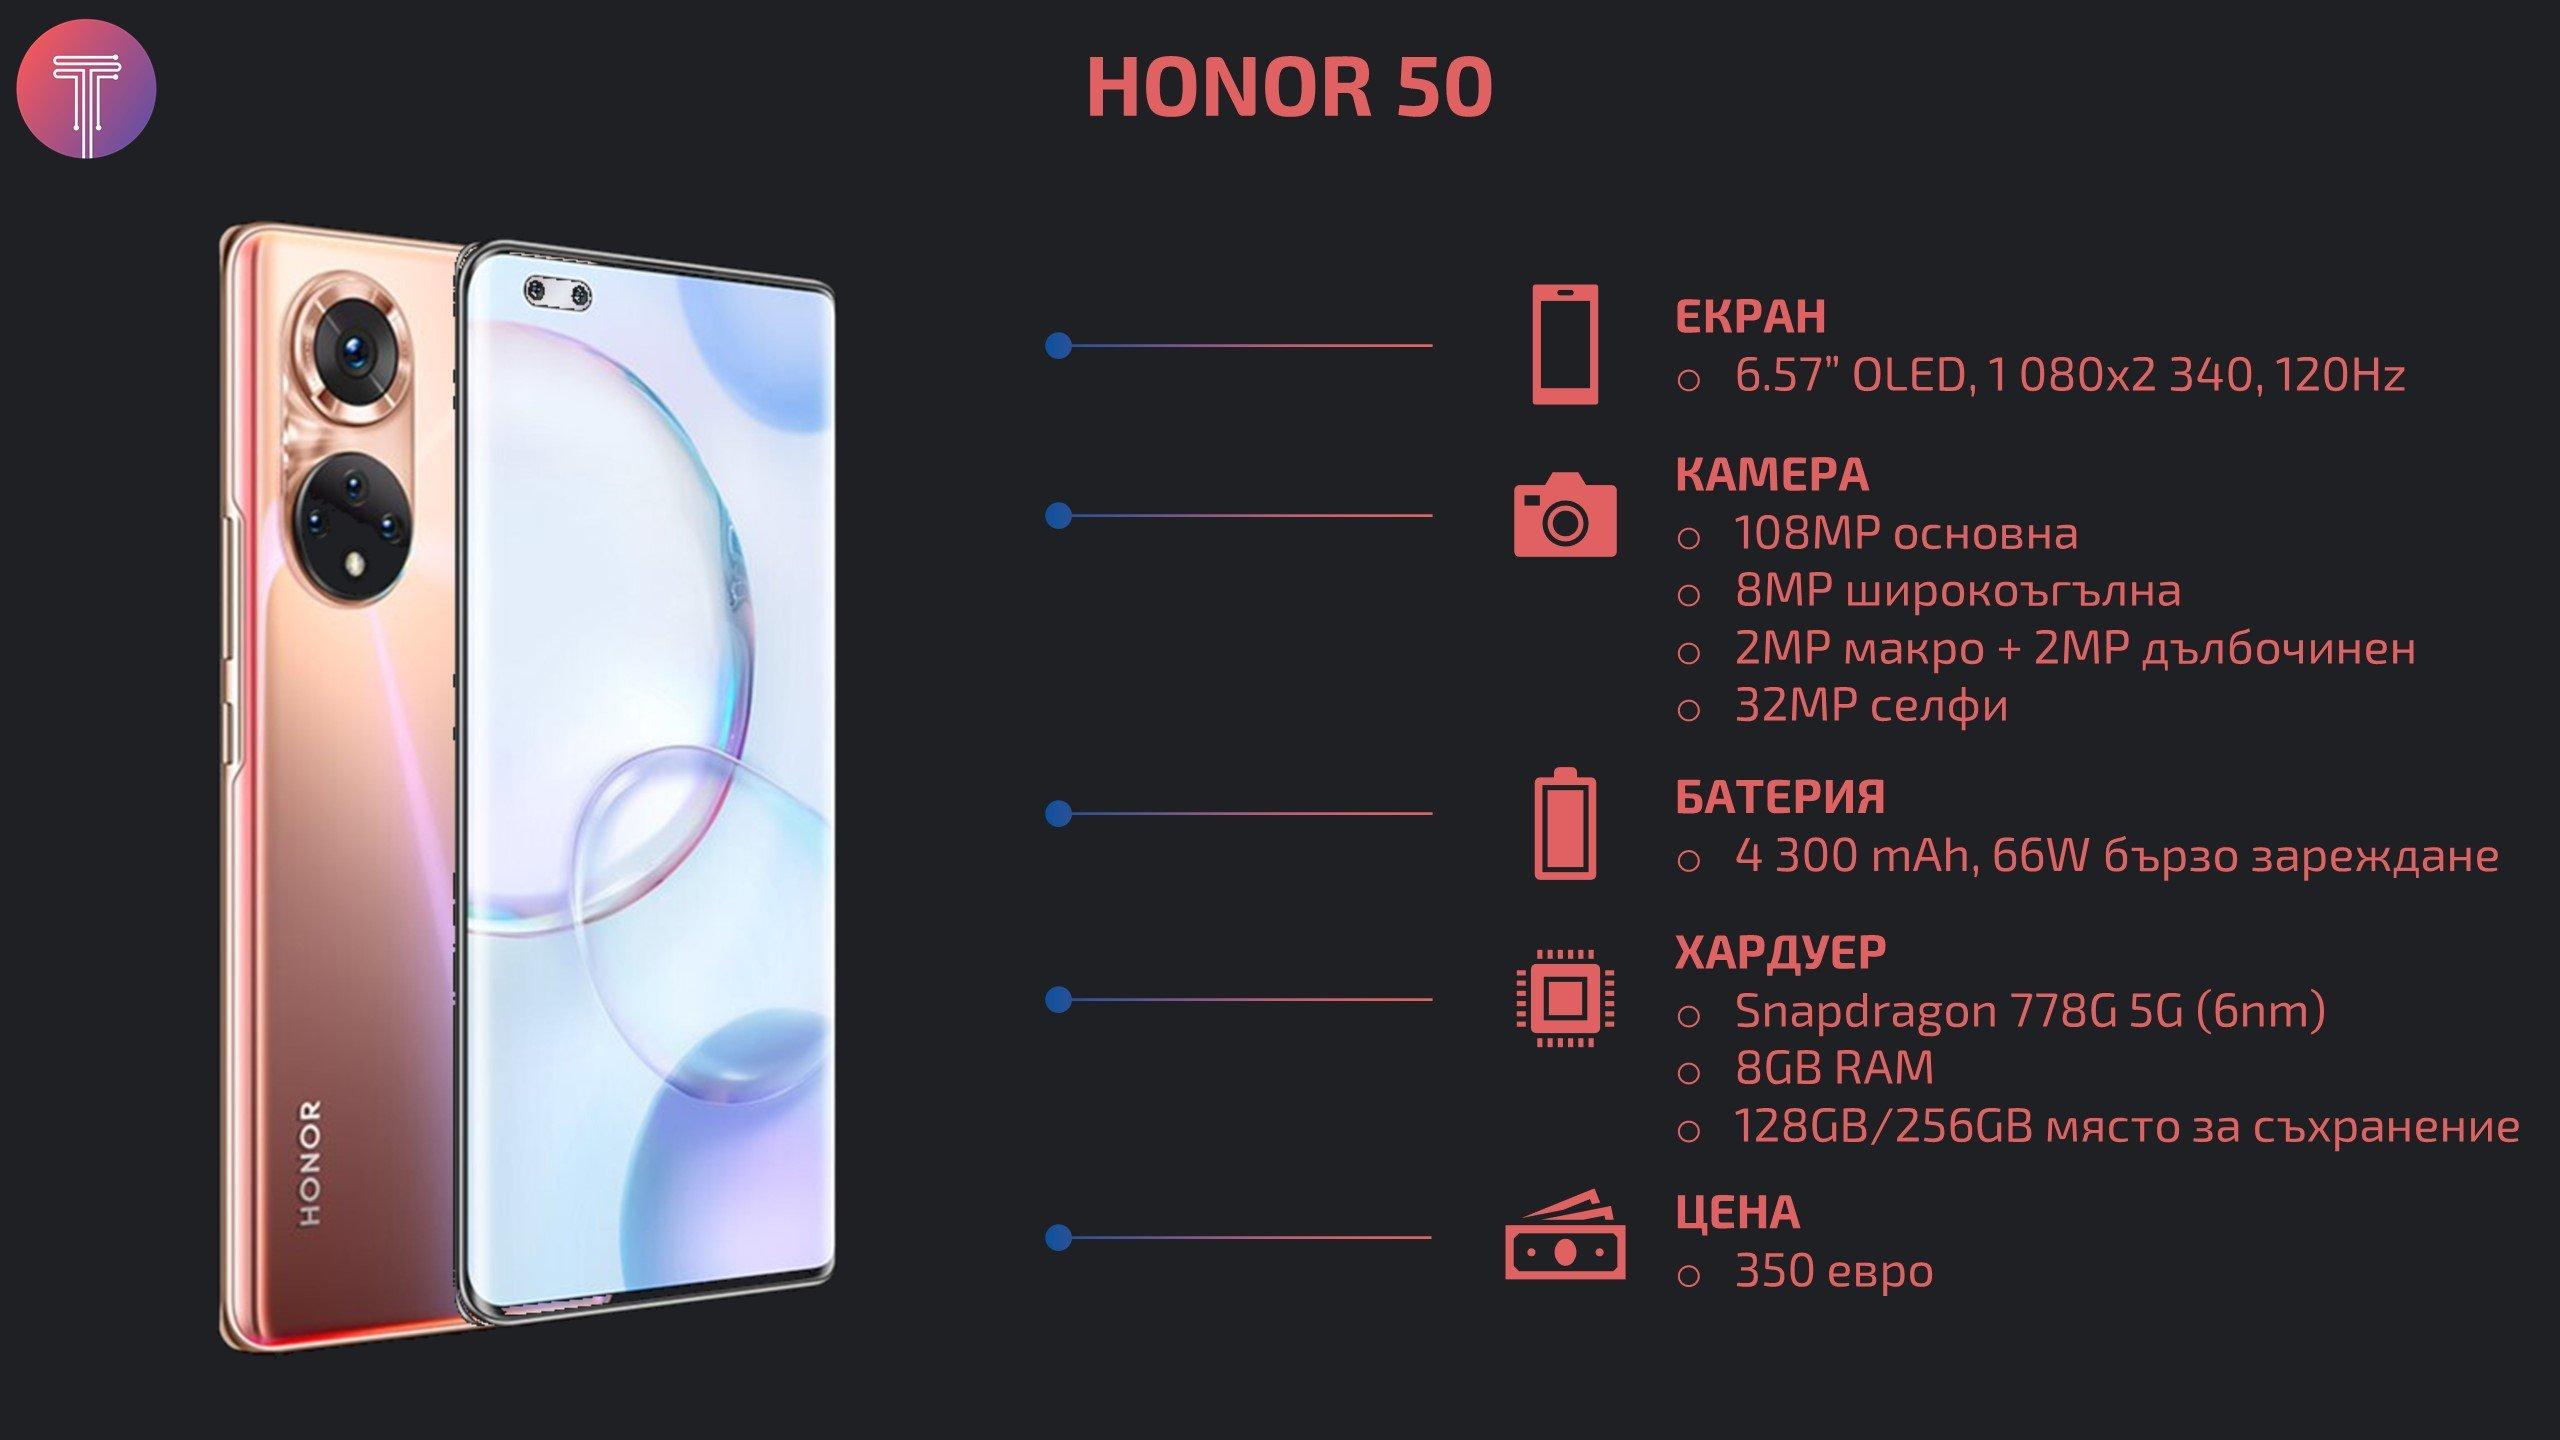 Honor 50 Specs